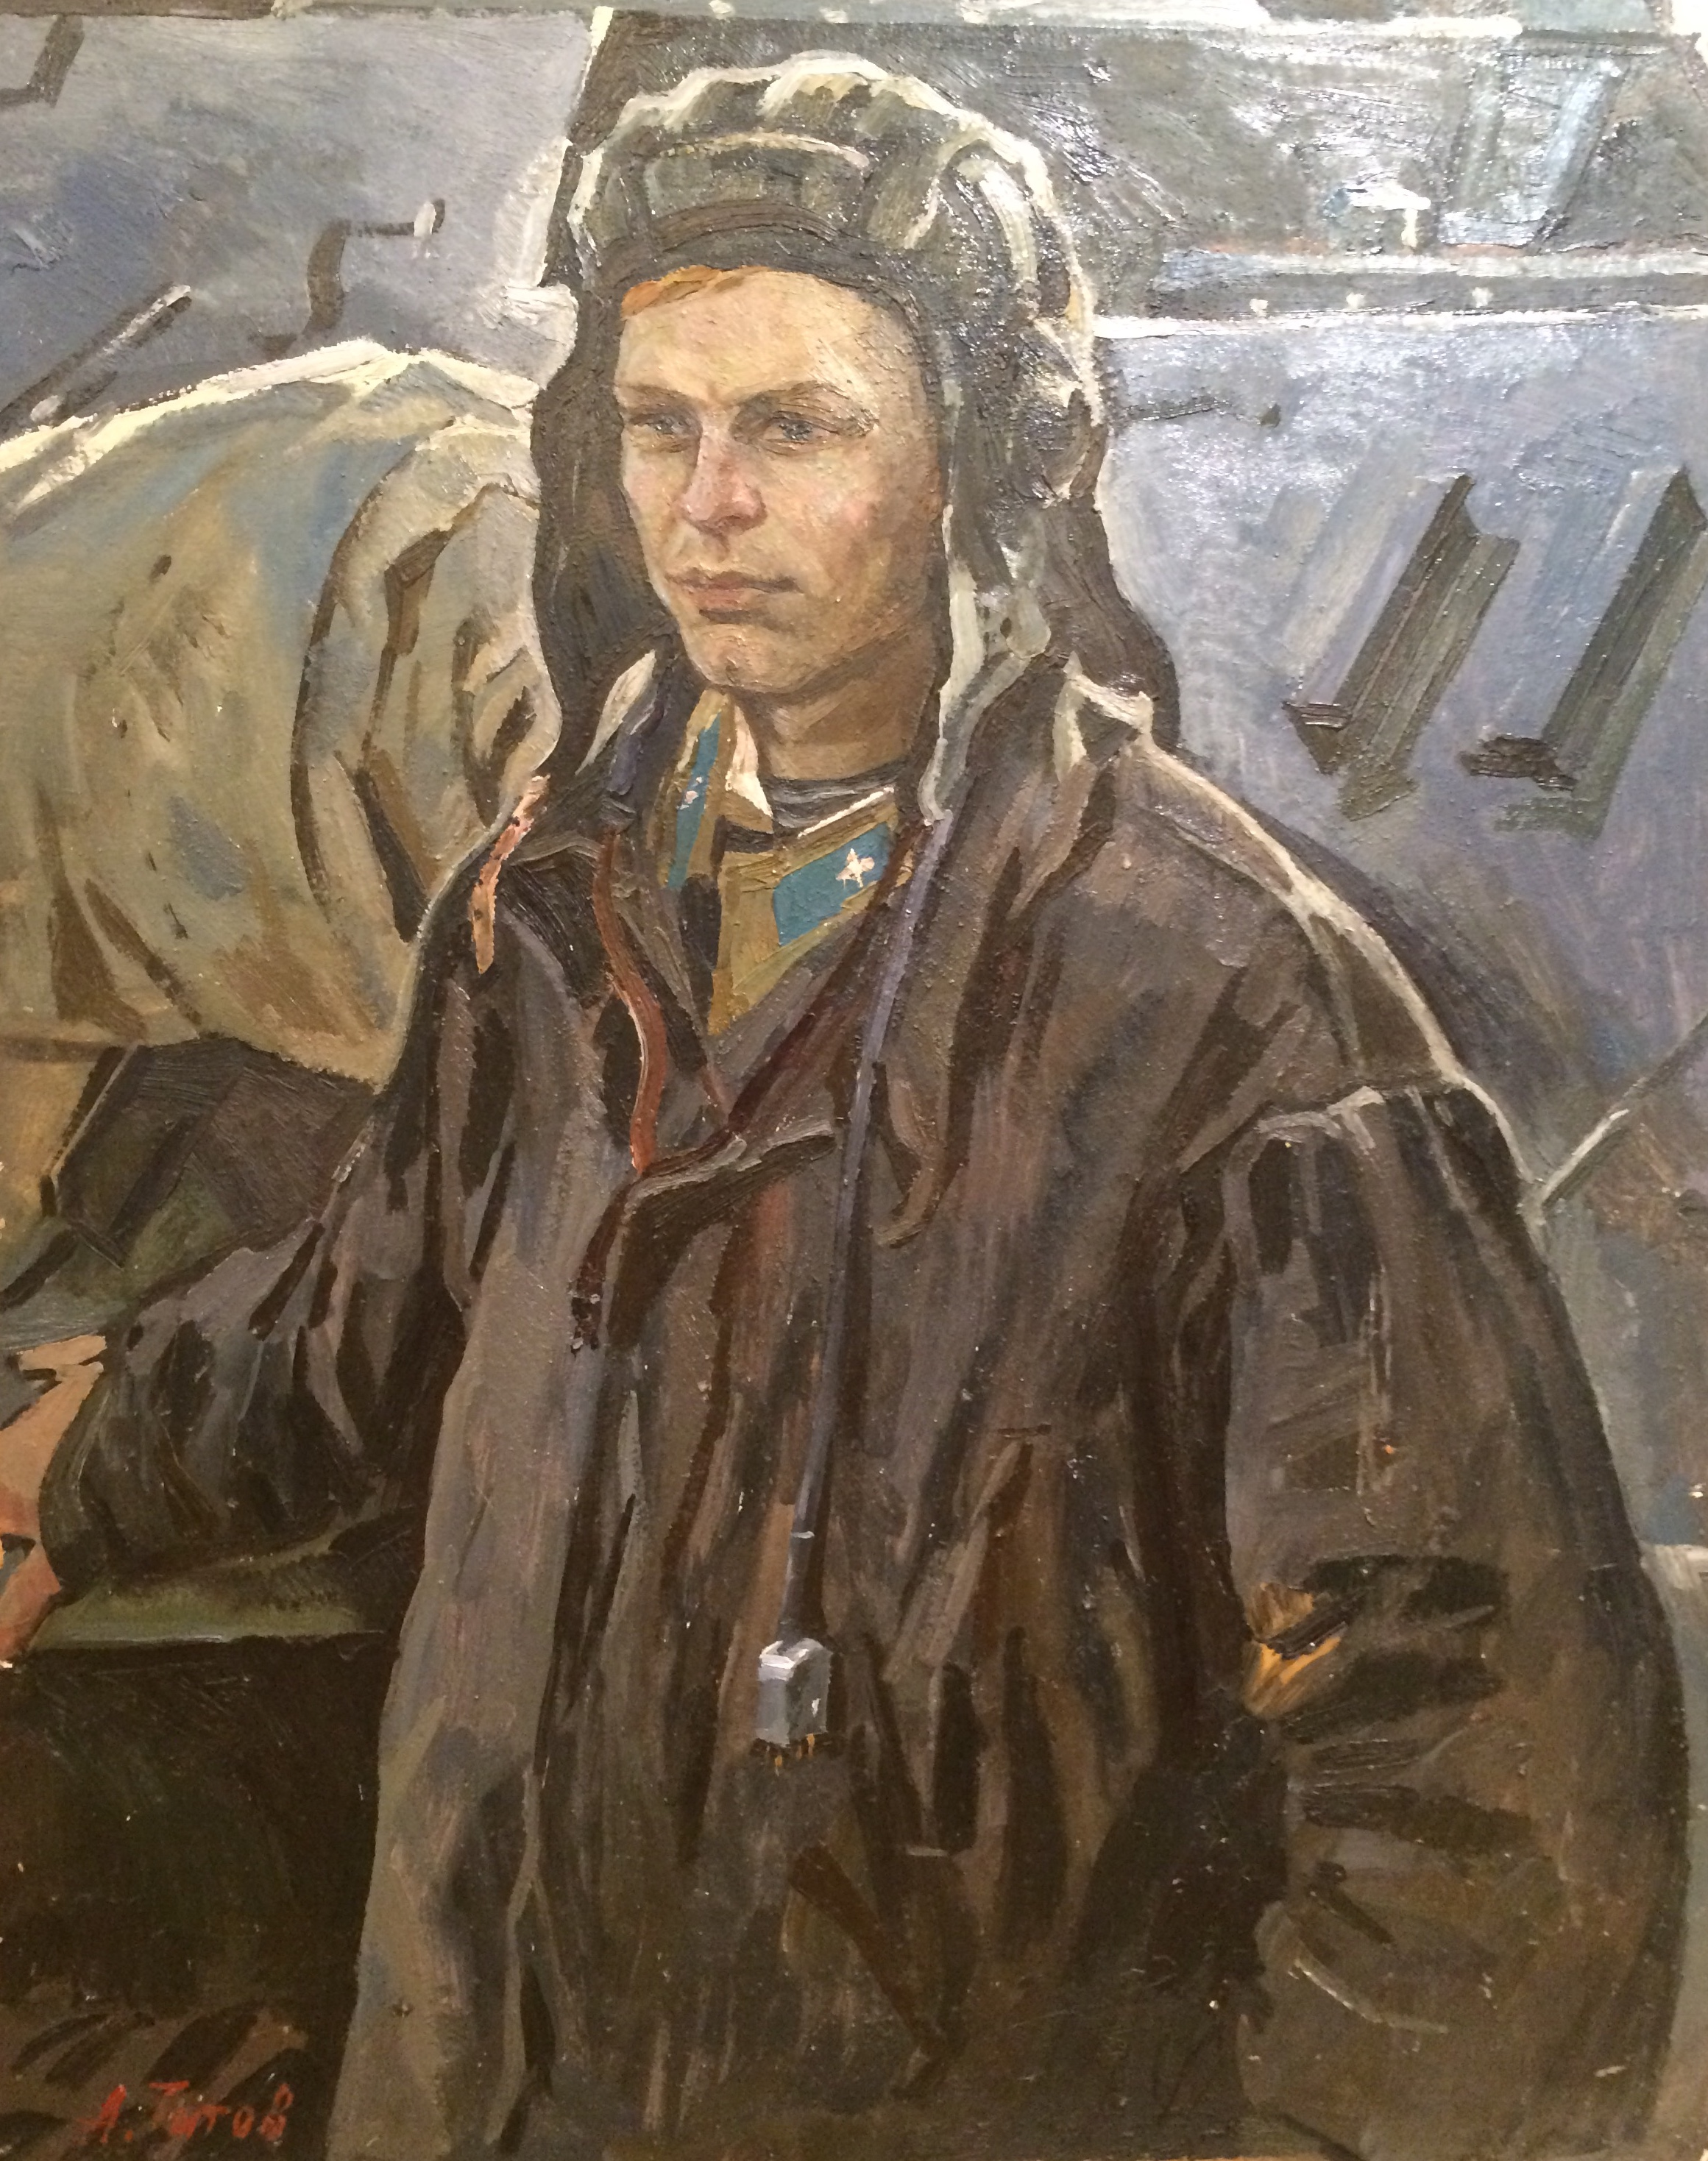 Титов Анатолий Михайлович. Танкист.